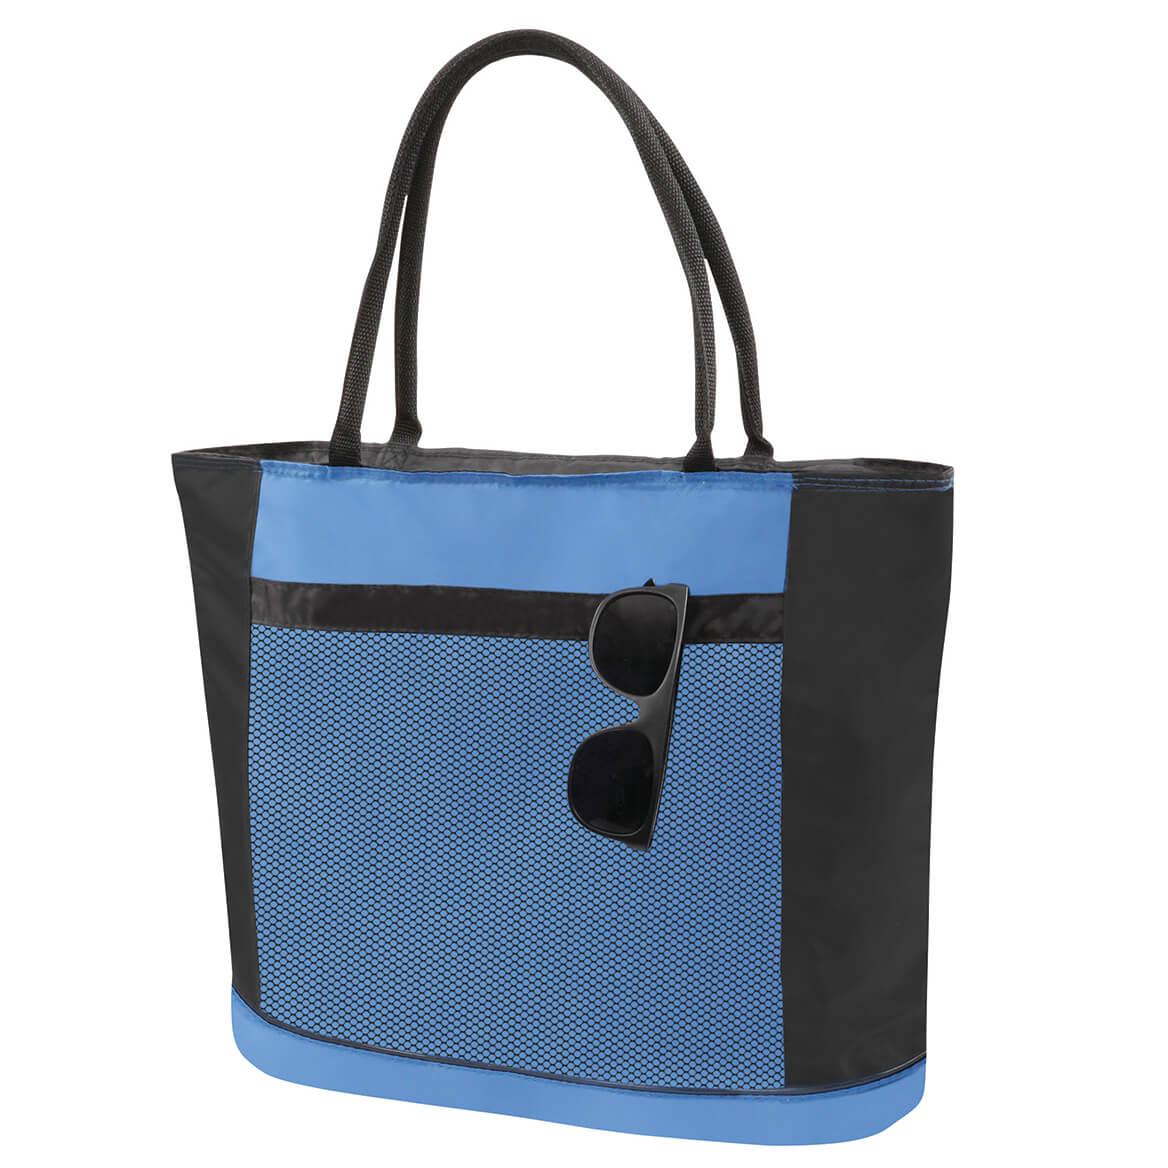 Zip-Up Cooler Bag-371006